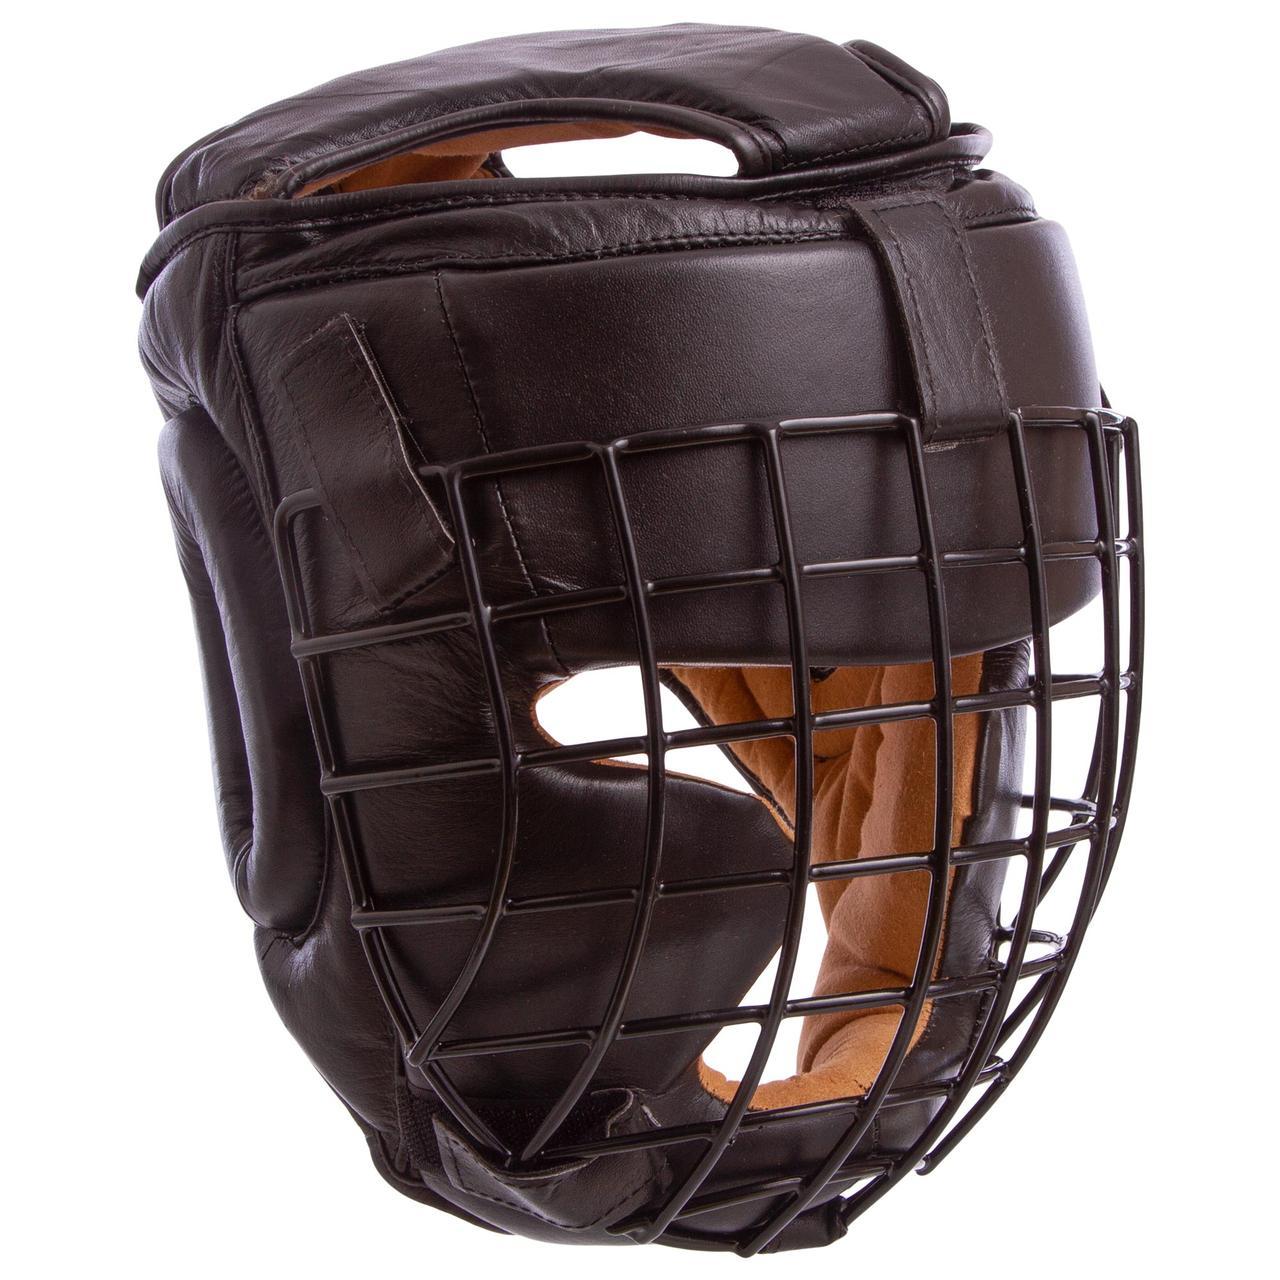 Шлем для единоборств с металлической решеткой кожаный (р-р М-XL, цвета в ассортименте)